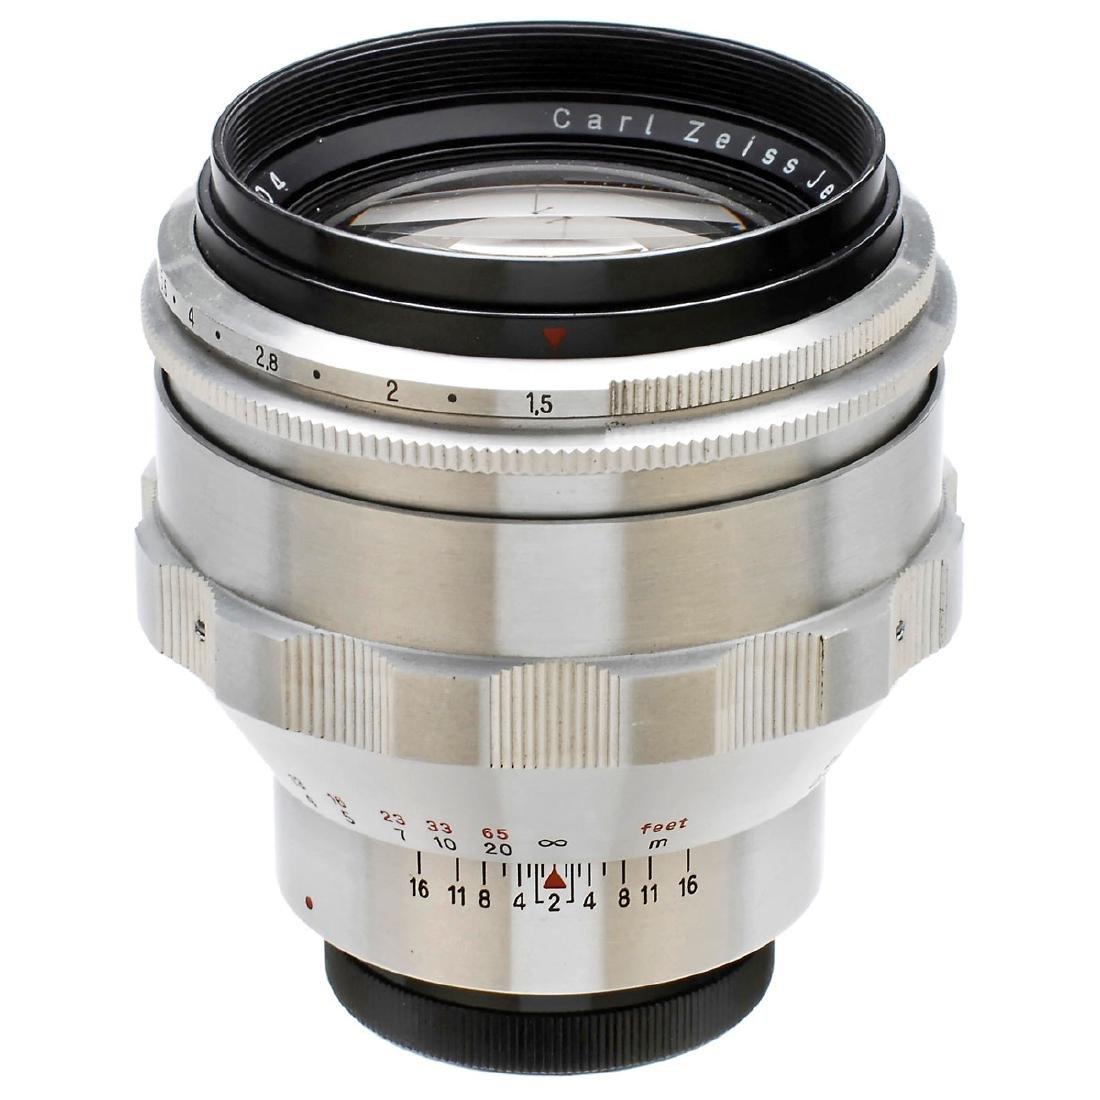 Zeiss Biotar 1,5/75 mm (Exakta)